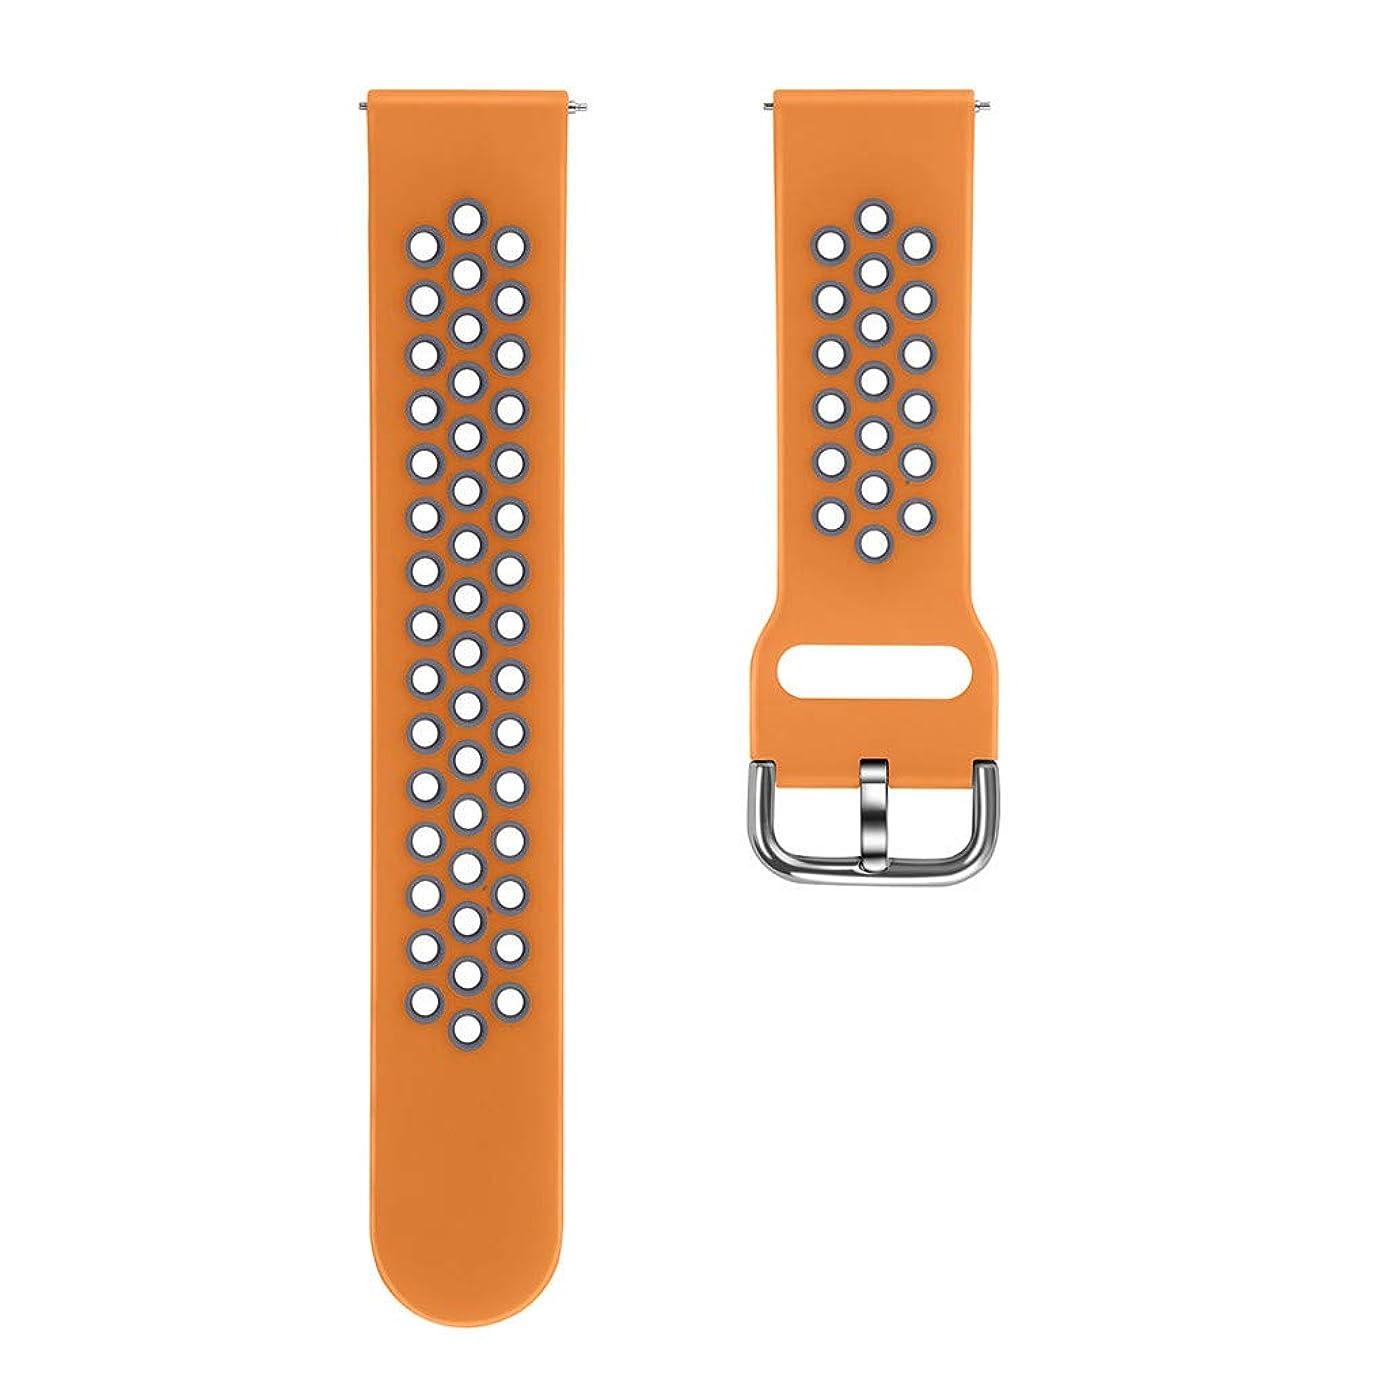 他にサスペンション転送4Fires スマートブレスレットウォッチアクセサリー 2色の通気性シリコンストラップ Fitbit Versa 2と互換性のある交換用換気スポーツリストバンドリストストラップ(Sサイズ)